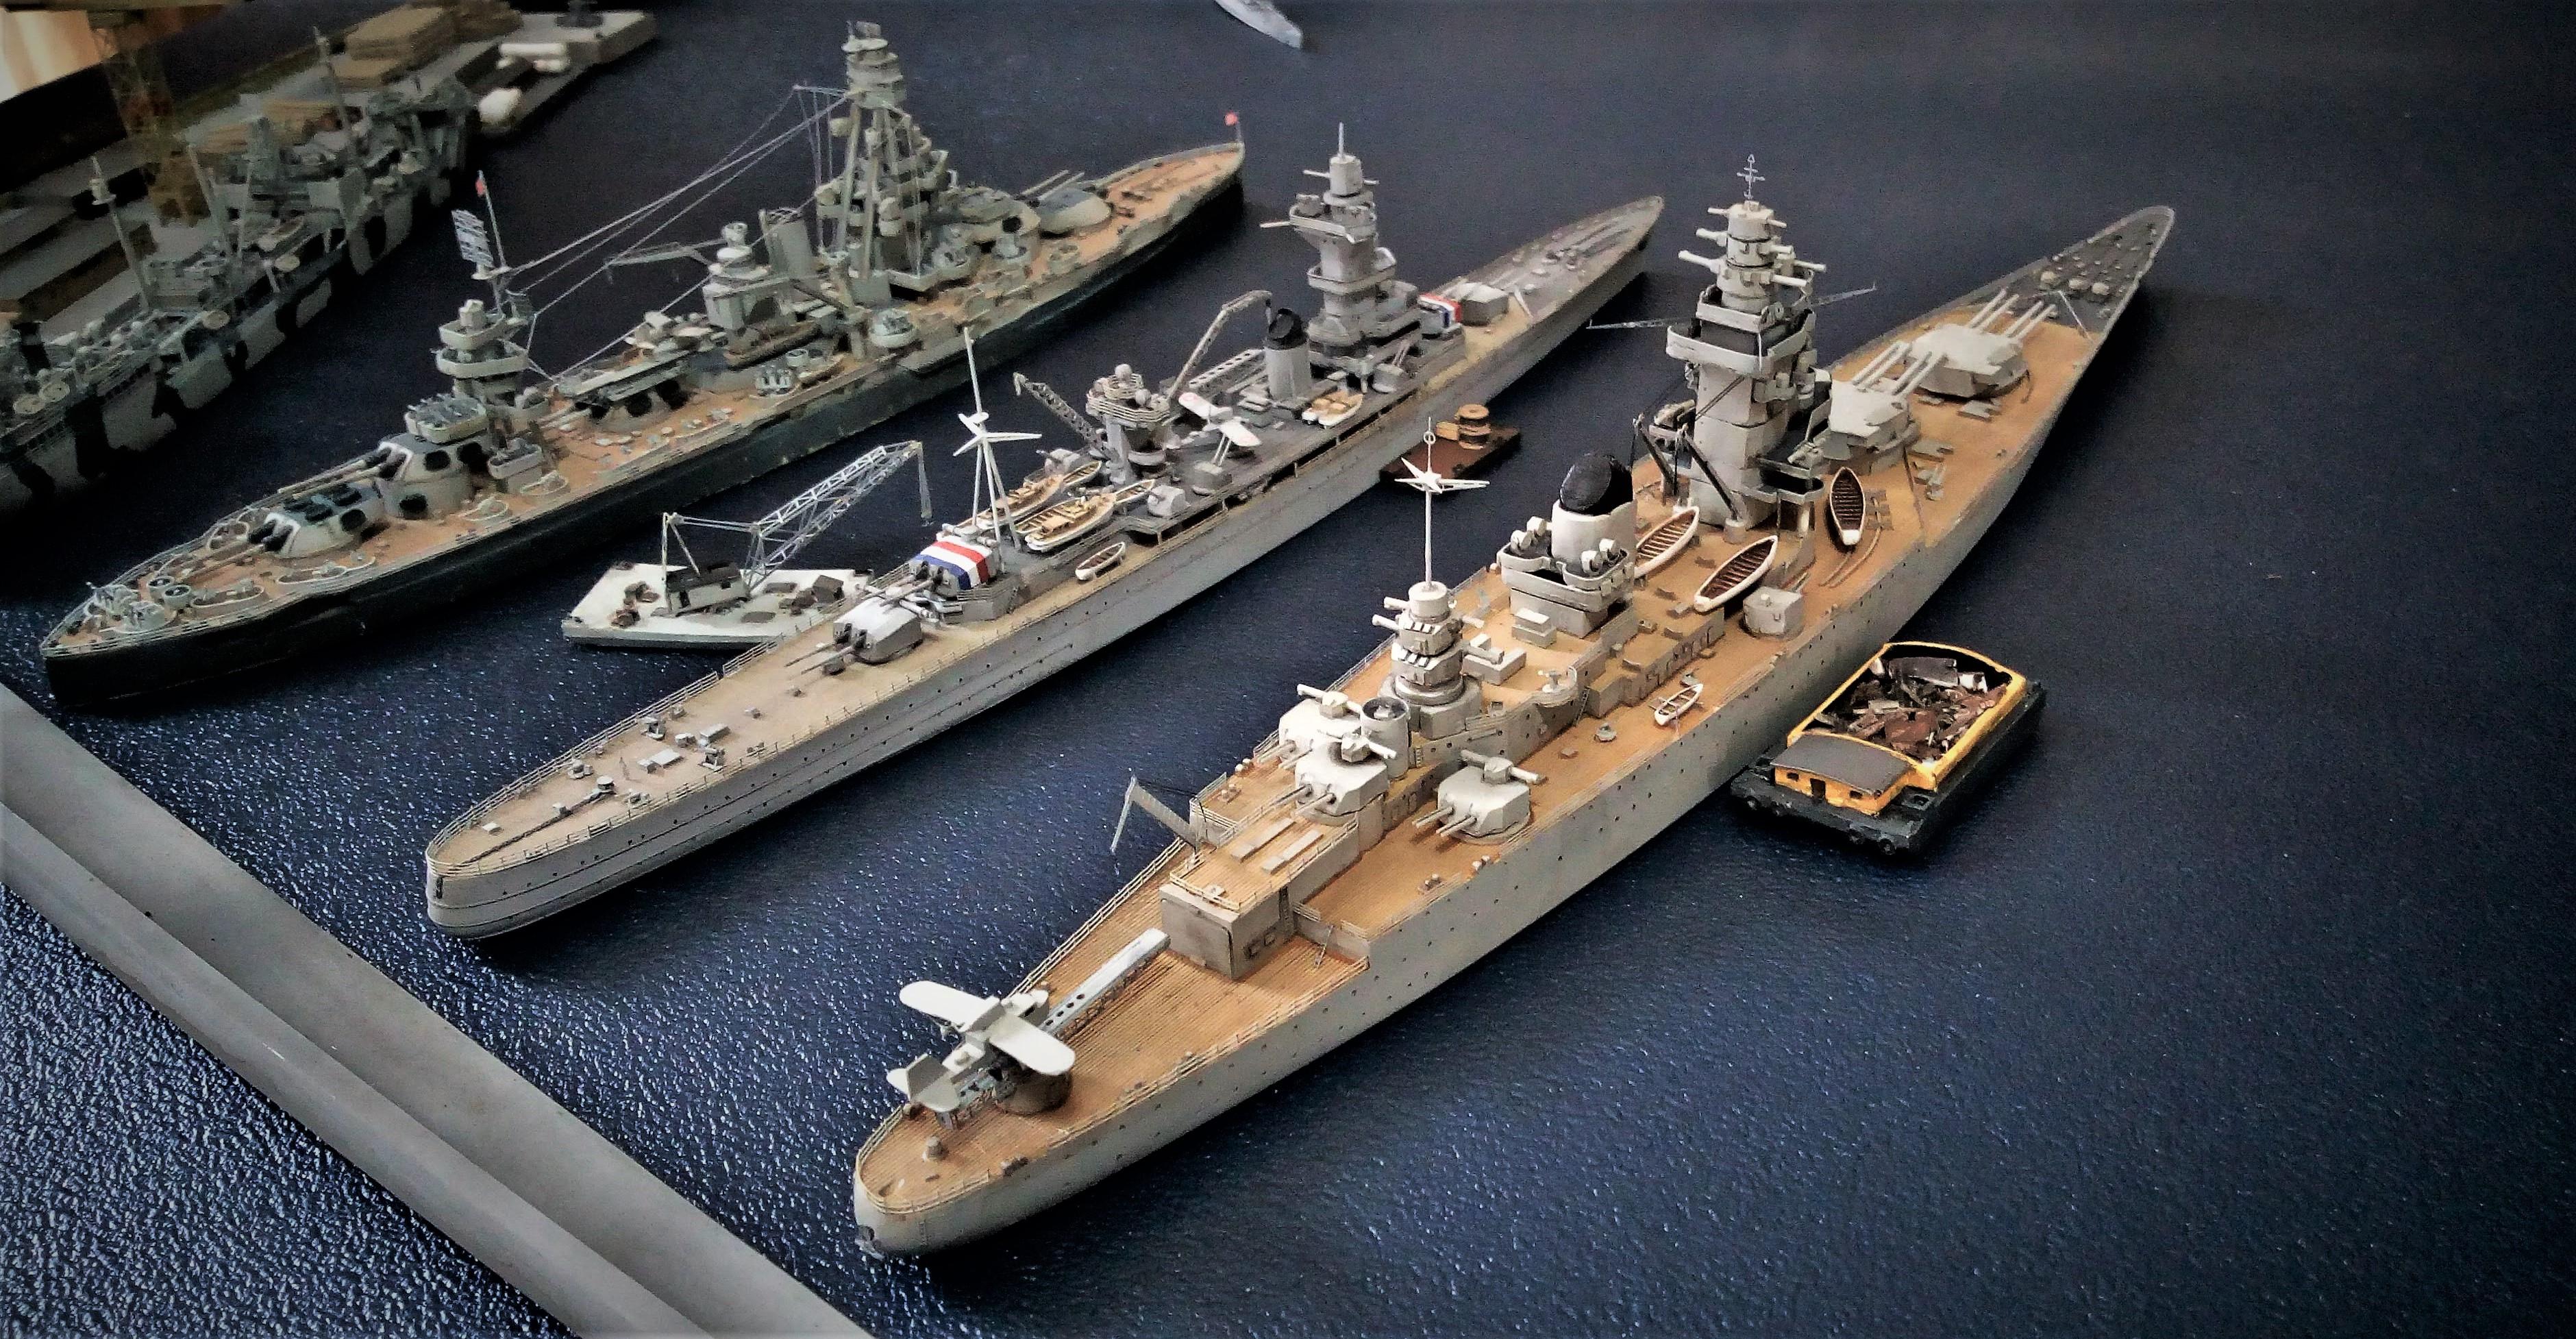 Diorama base navale 1/700 par Nesquik - Page 4 2qcnVLe